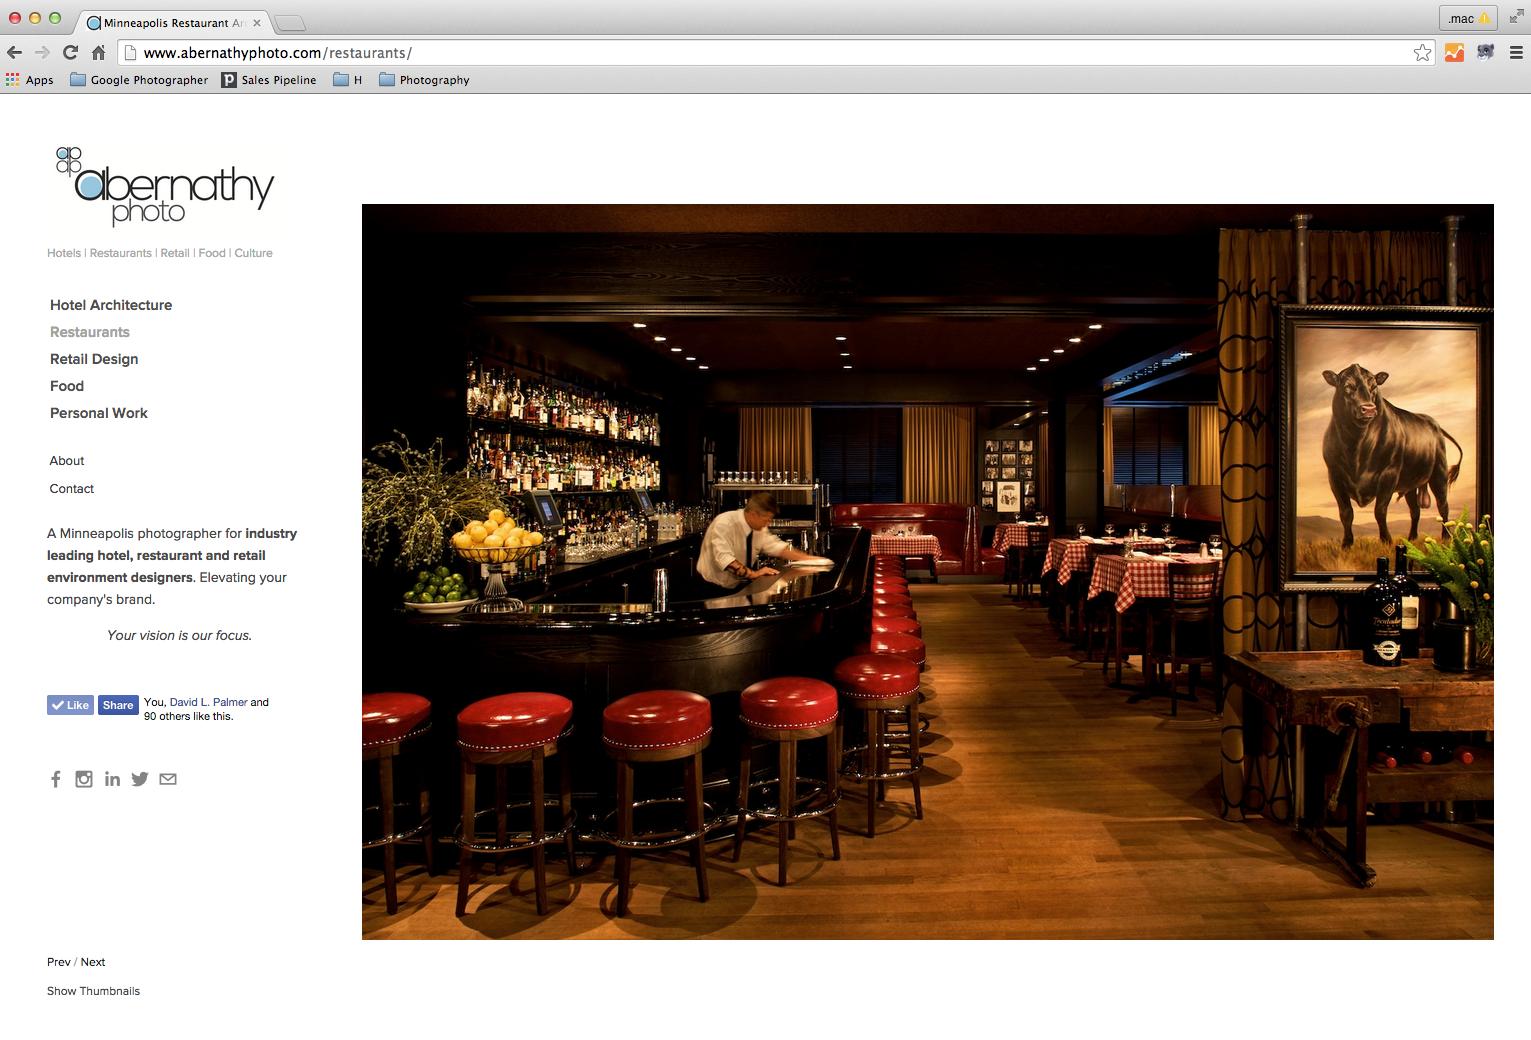 Abernathy Photo - Manny's Restaurant